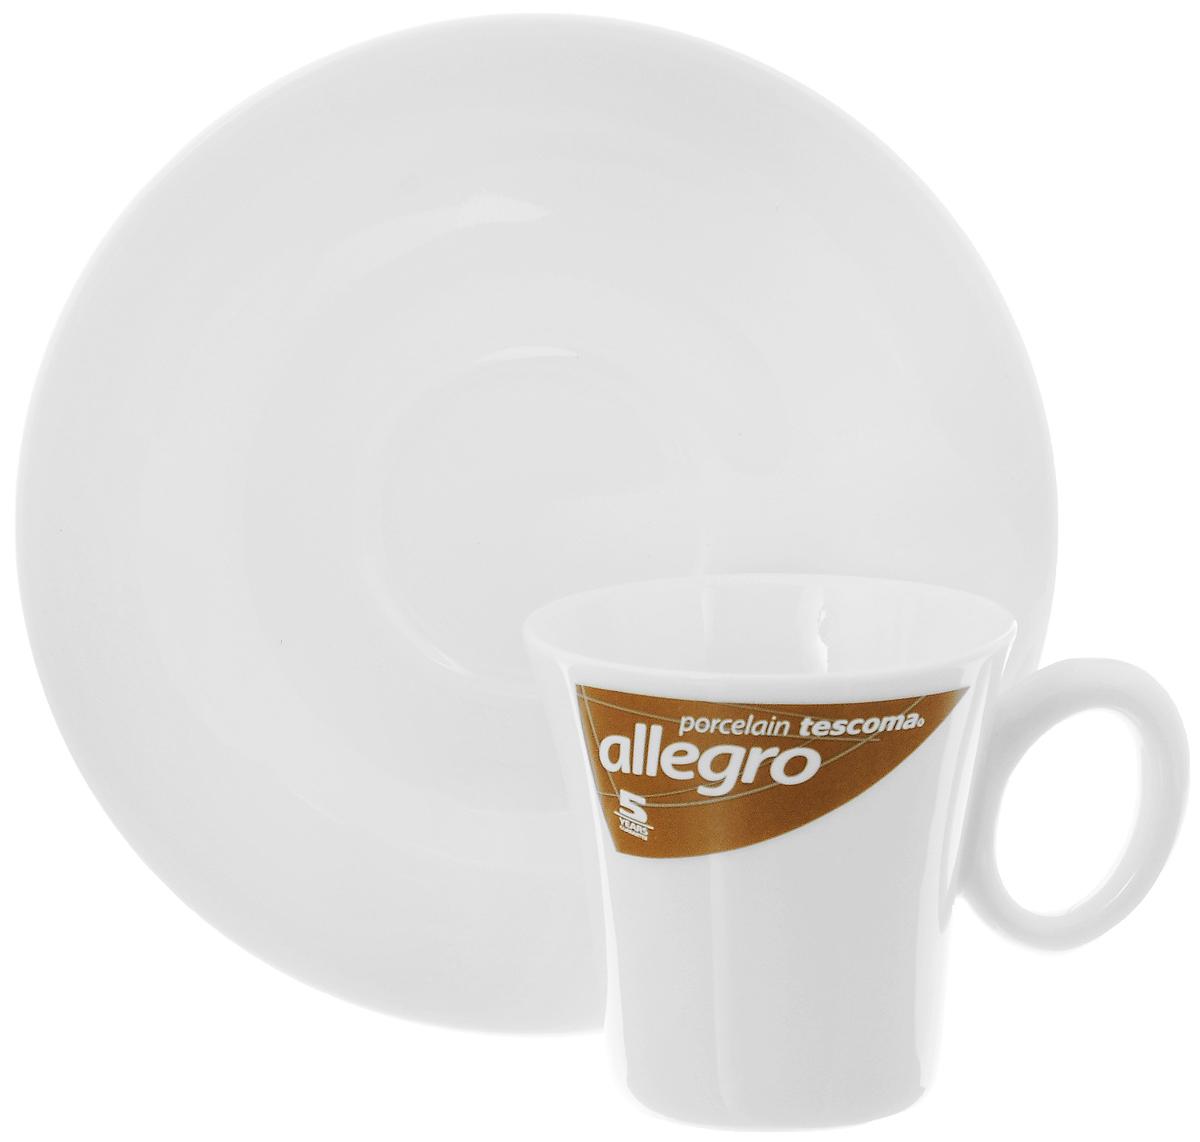 Кофейная пара Tescoma Allegro, цвет: белый, 2 предмета387520Кофейная пара Tescoma Allegro состоит из чашки и блюдца, изготовленных извысококачественного фарфора. Элегантный дизайн,несомненно, придется вам по вкусу.Кофейная пара Tescoma Allegro украсит ваш кухонный стол, а также станет замечательнымподарком к любому празднику.Можно использовать в микроволновой печи, холодильнике и посудомоечной машине. Объем чашки: 80 мл.Диаметр чашки (по верхнему краю): 6 см.Диаметр основания чашки: 4 см.Высота чашки: 6 см.Диаметр блюдца: 13 см.